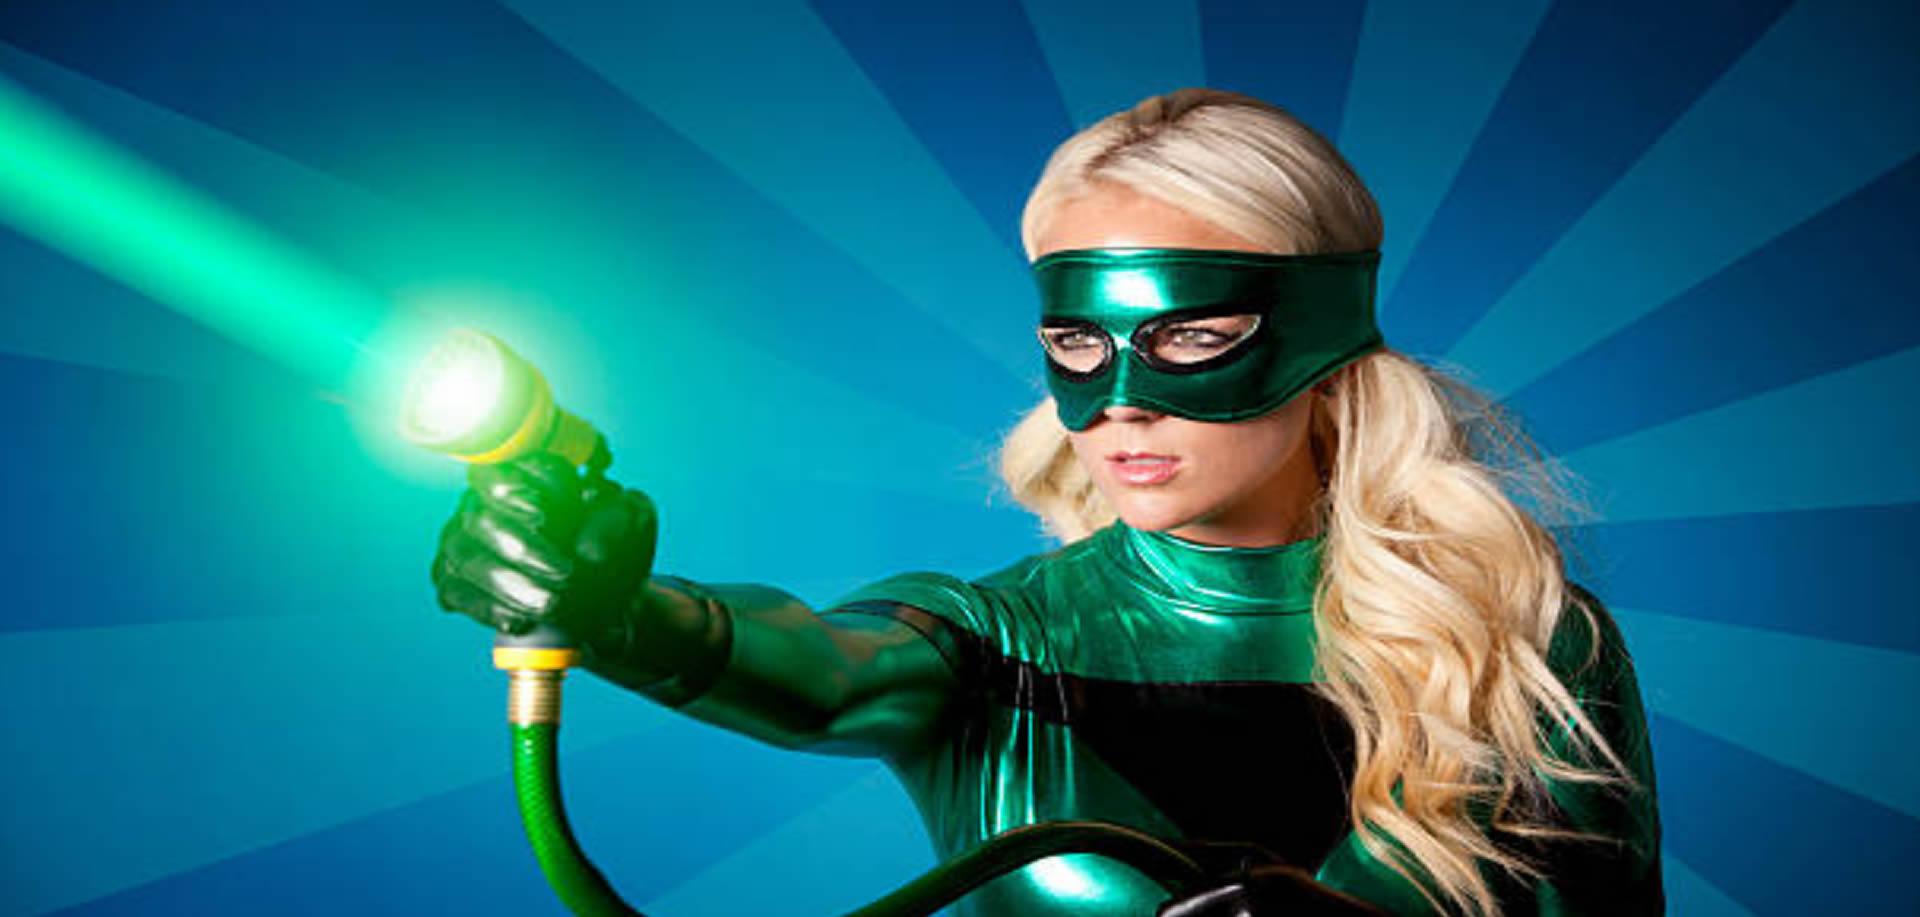 imagen principal de superman